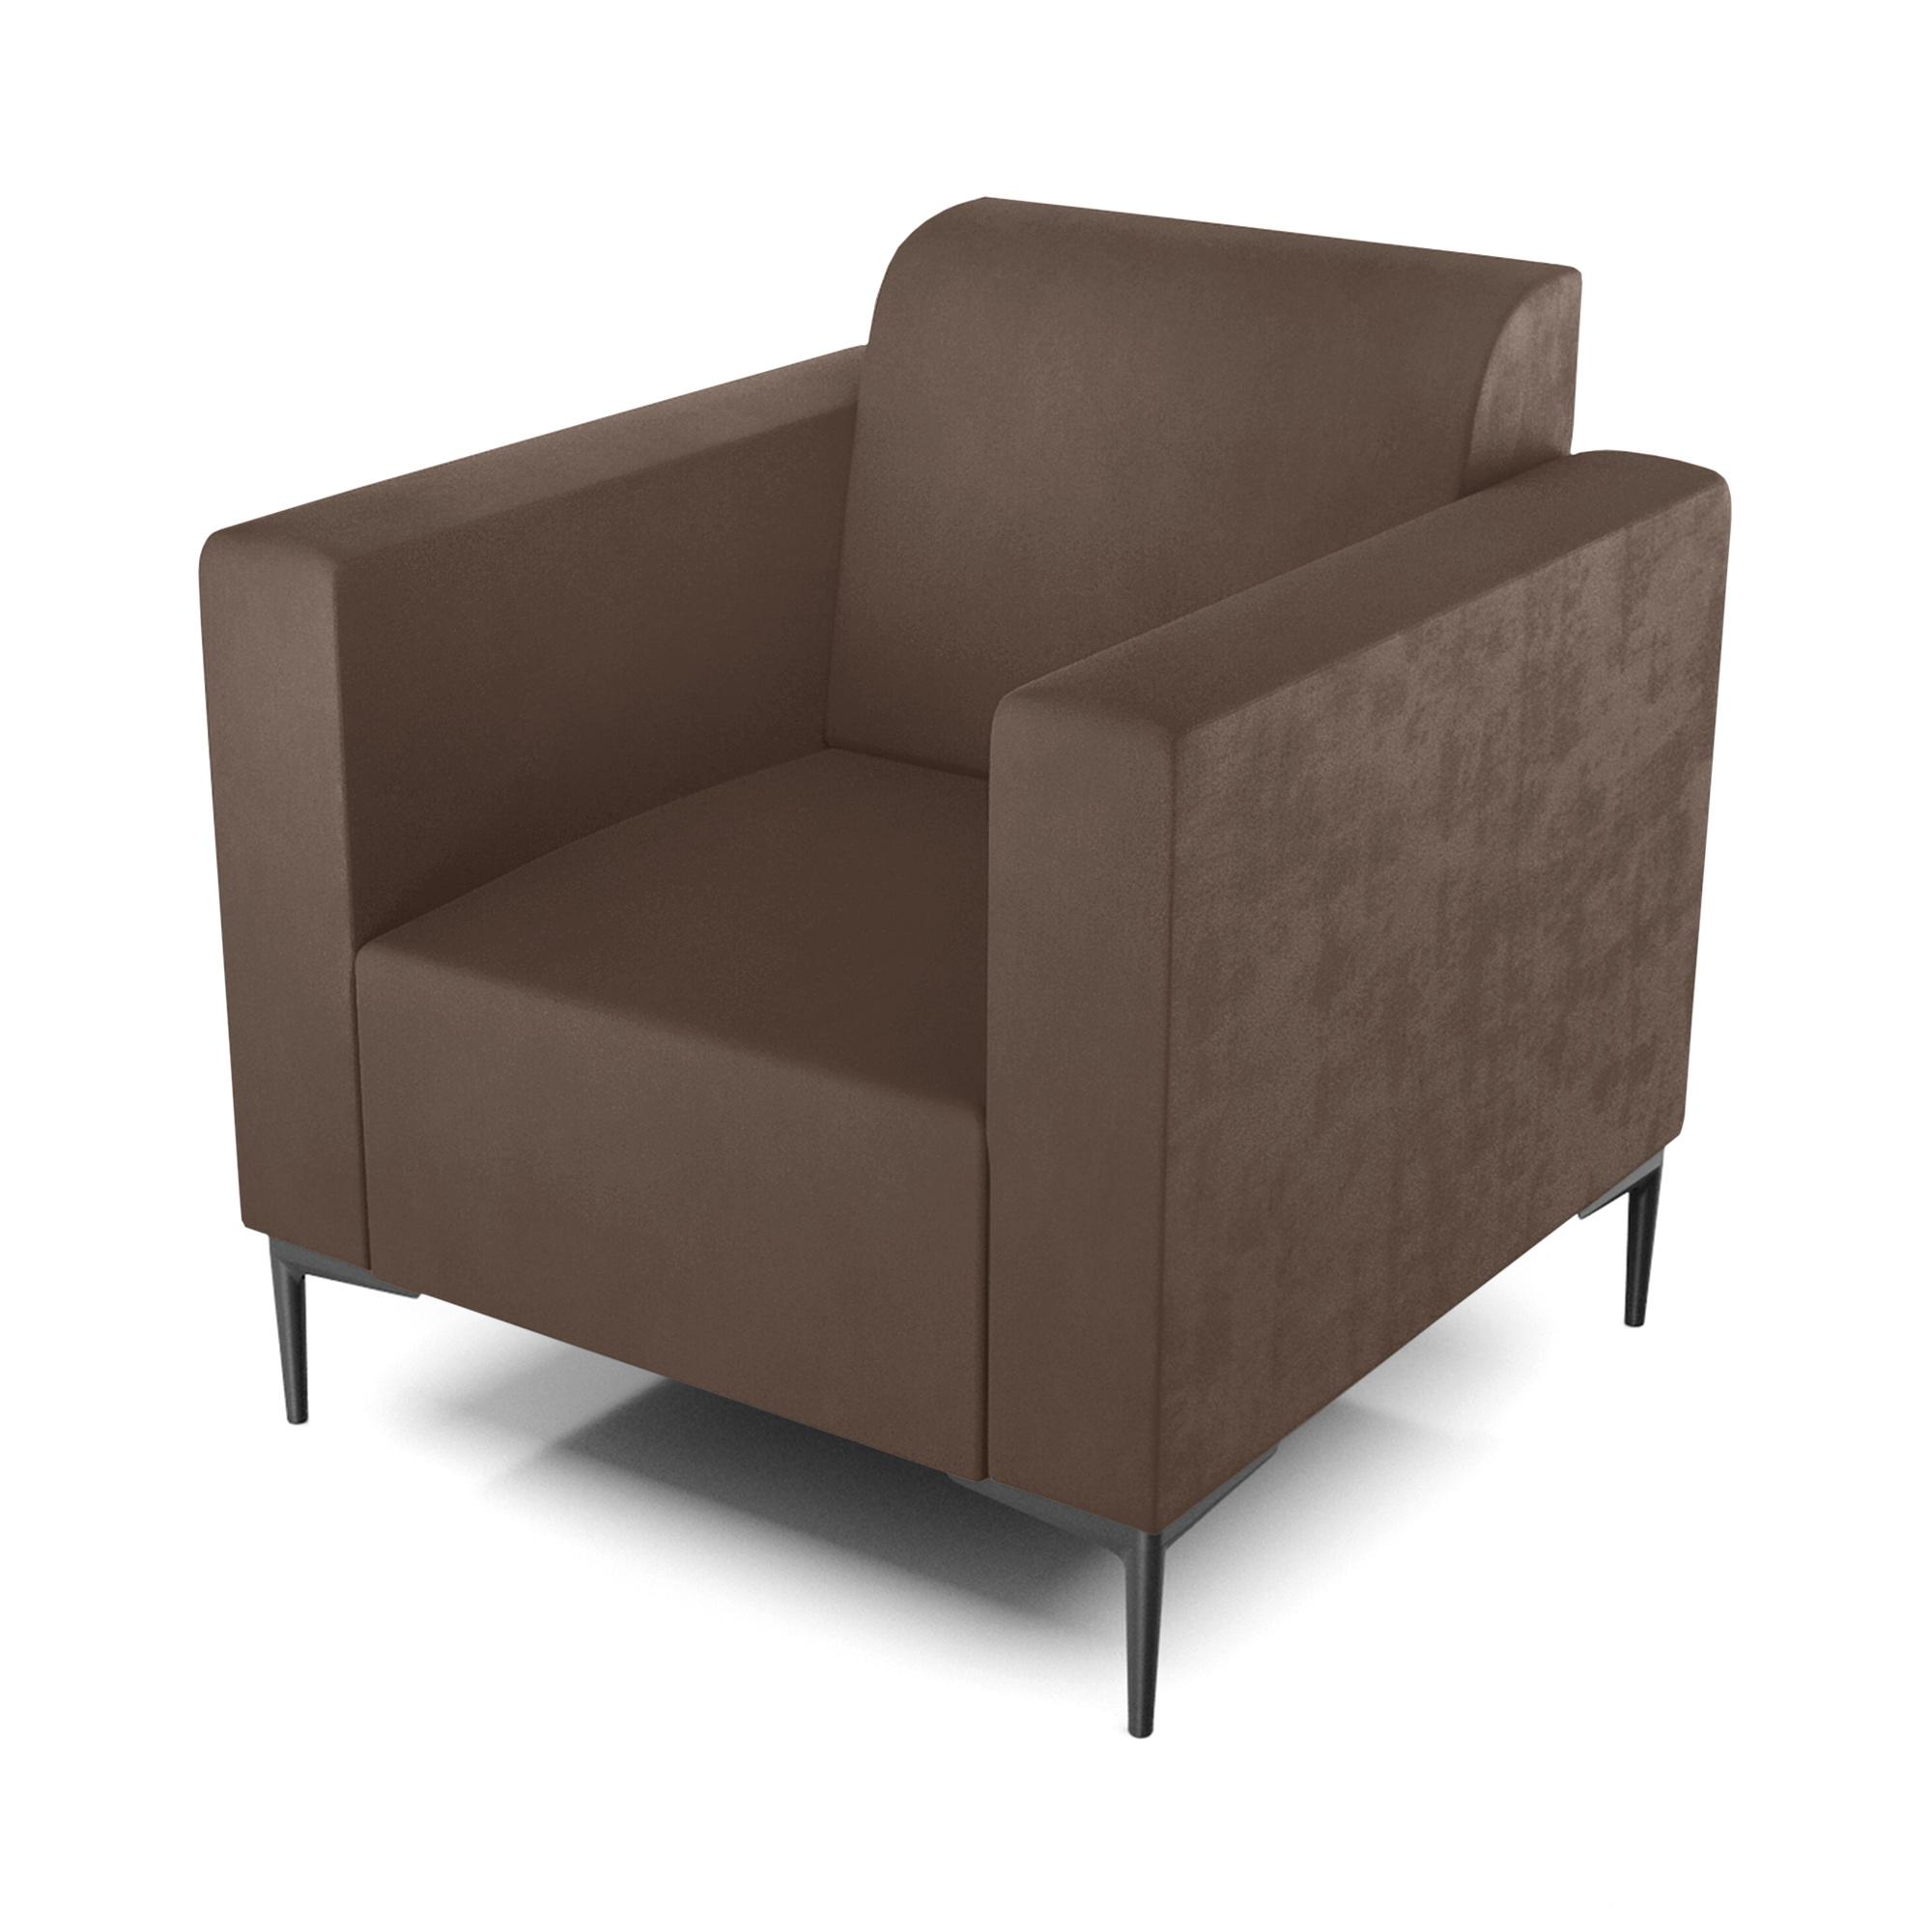 Кресло AS Тиффани 79x78x73 см кварцевый кресло as тиффани 79x78x73 см коричневый